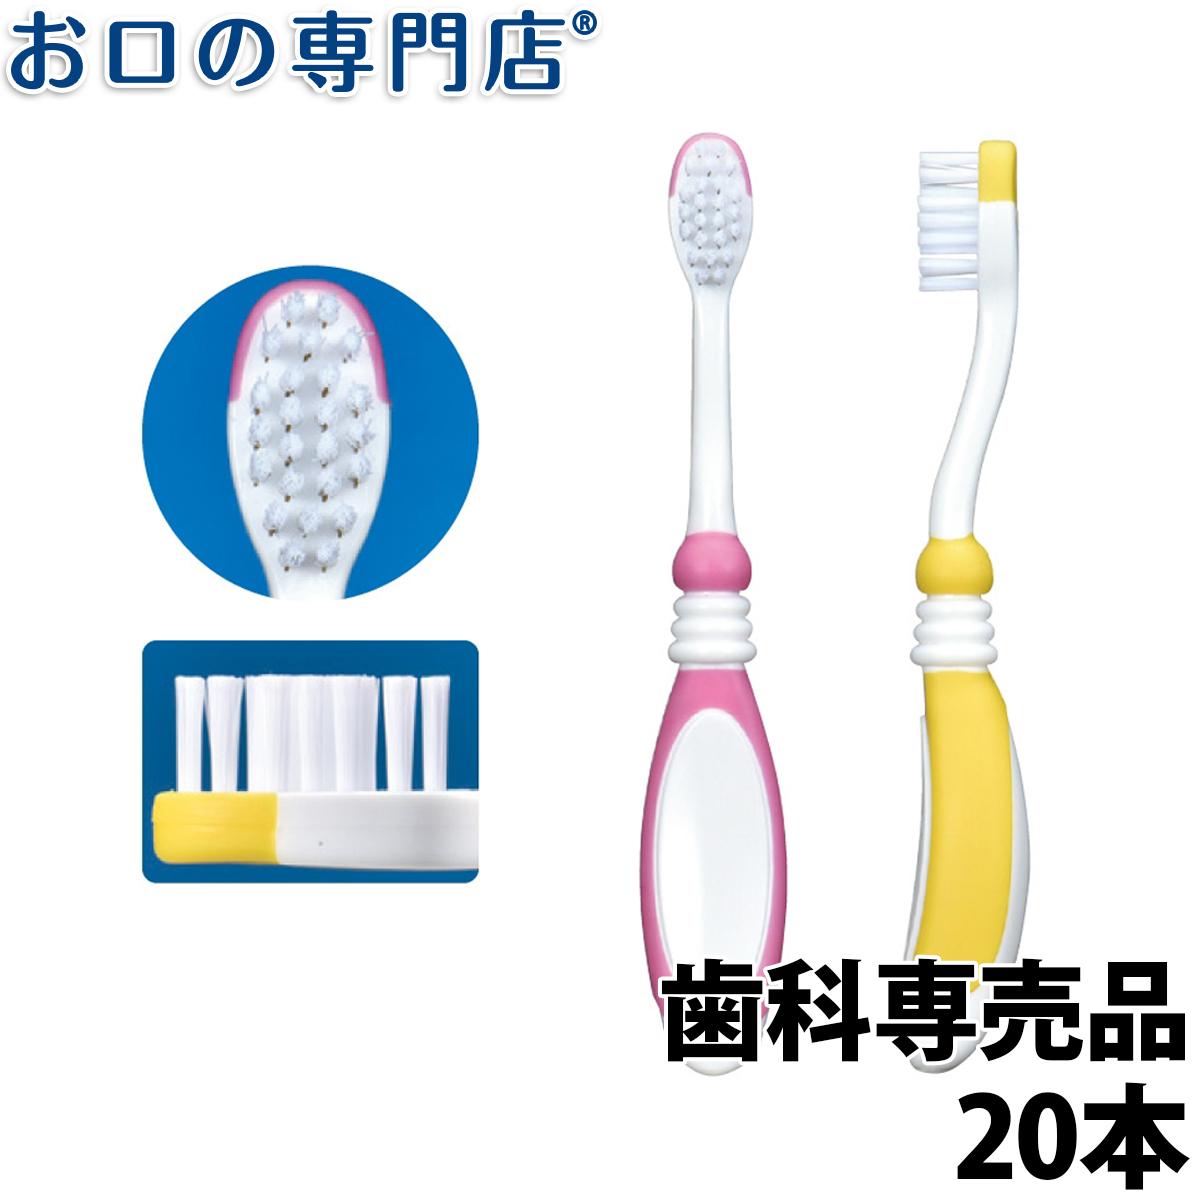 2~6歳 子供用歯ブラシ フラット毛 握りやすい 遊び磨き デュポン繊維 メール便送料無料 Ci 歯ブラシ 買い取り やわらかめ 20本 キッズ 買取 S リセラ 歯科専売品